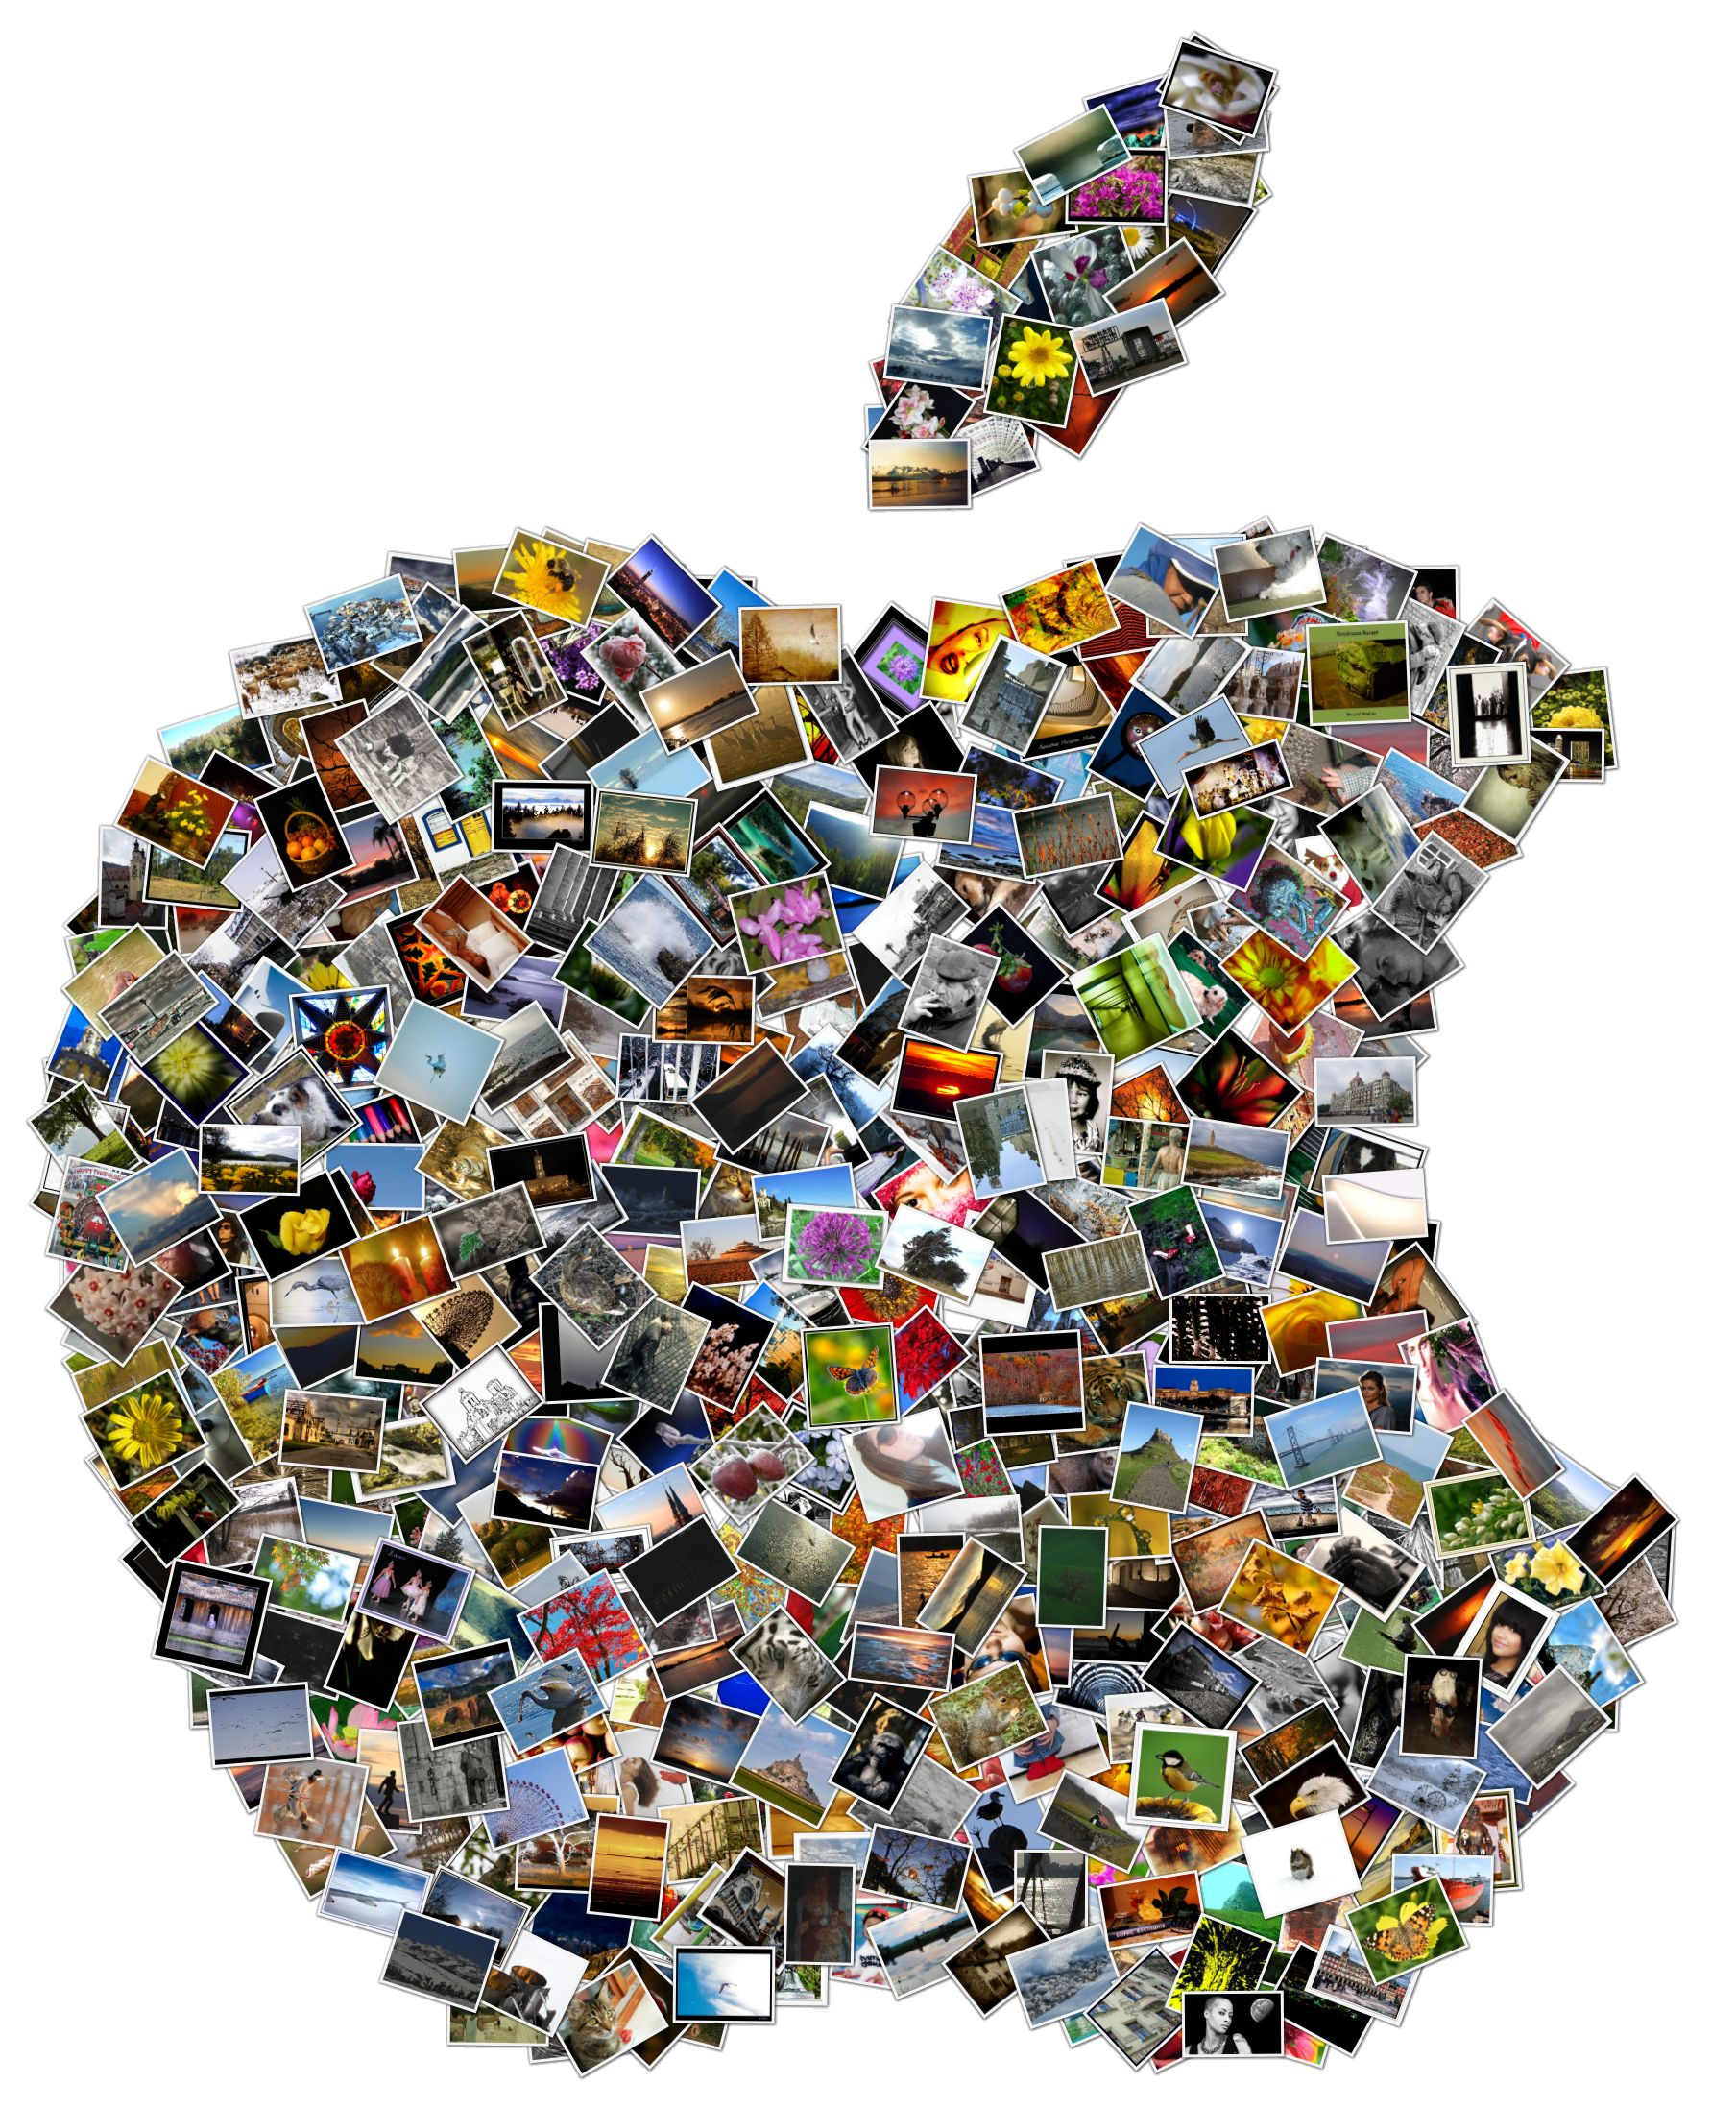 Mosaico o collage usando texto zona vertigo2040 - Como hacer un collage de fotos a mano ...